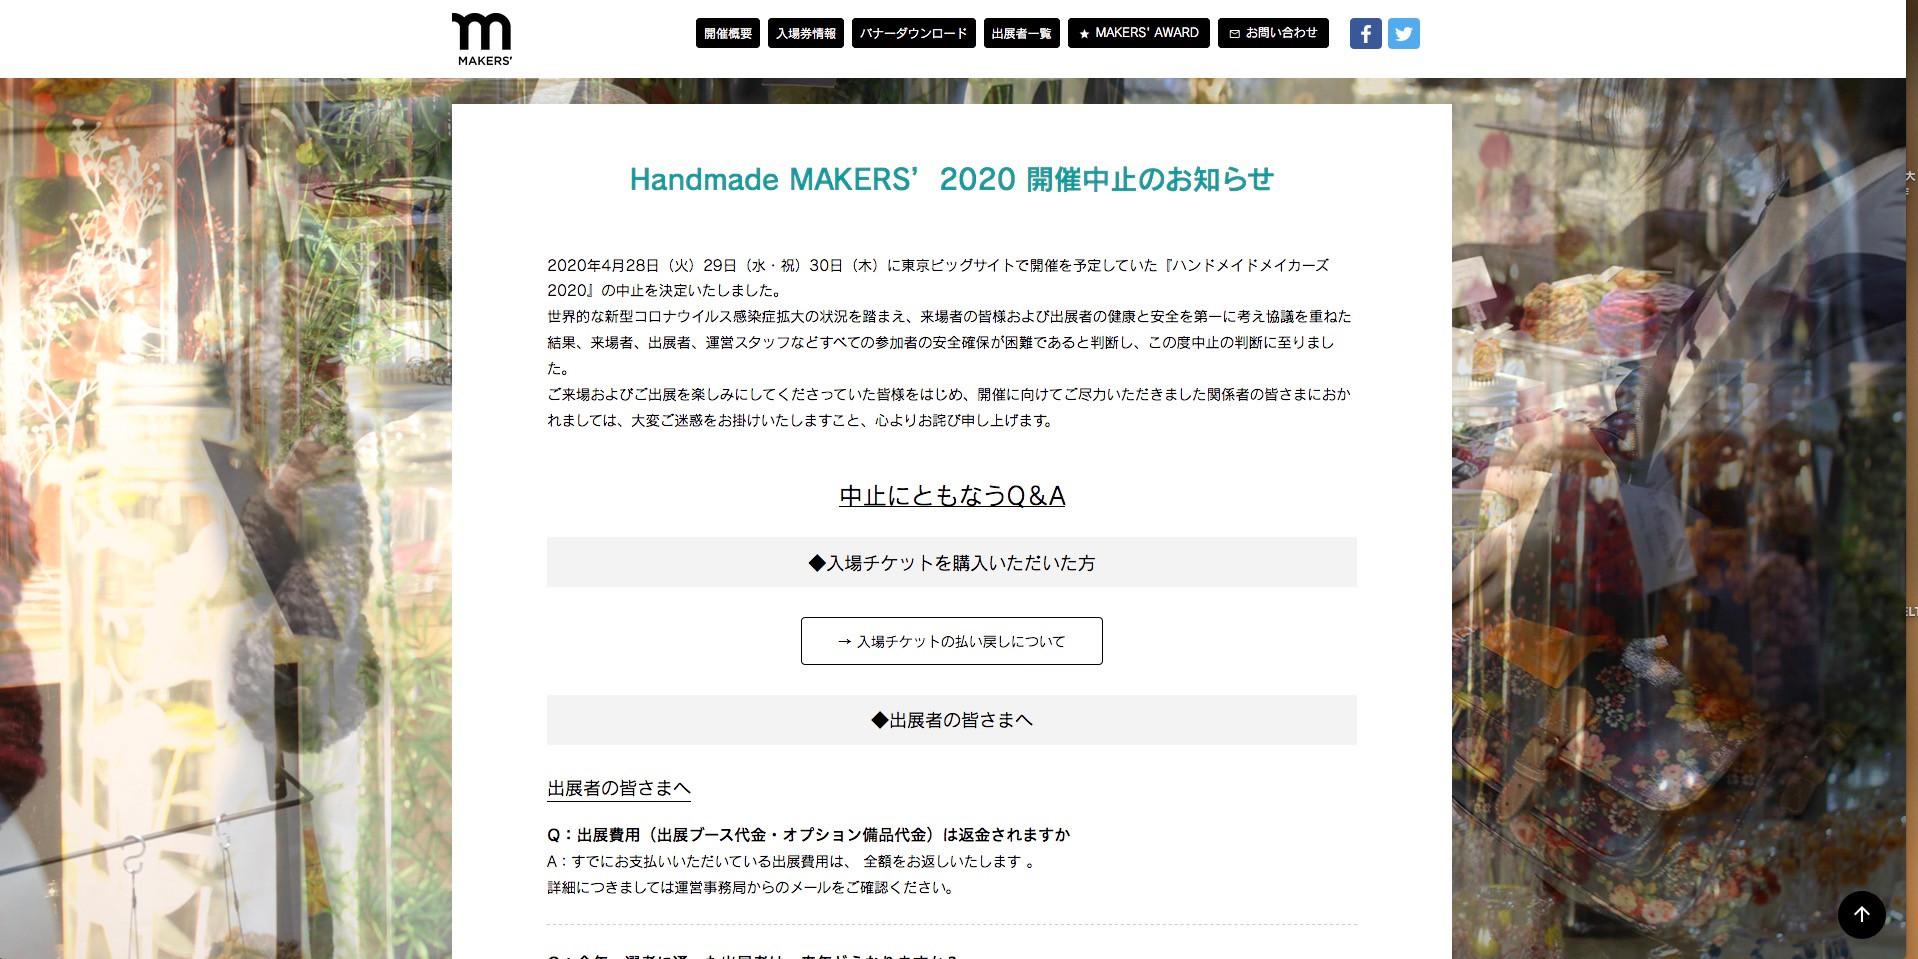 HandmadeMAKERS'2020は開催中止となりました